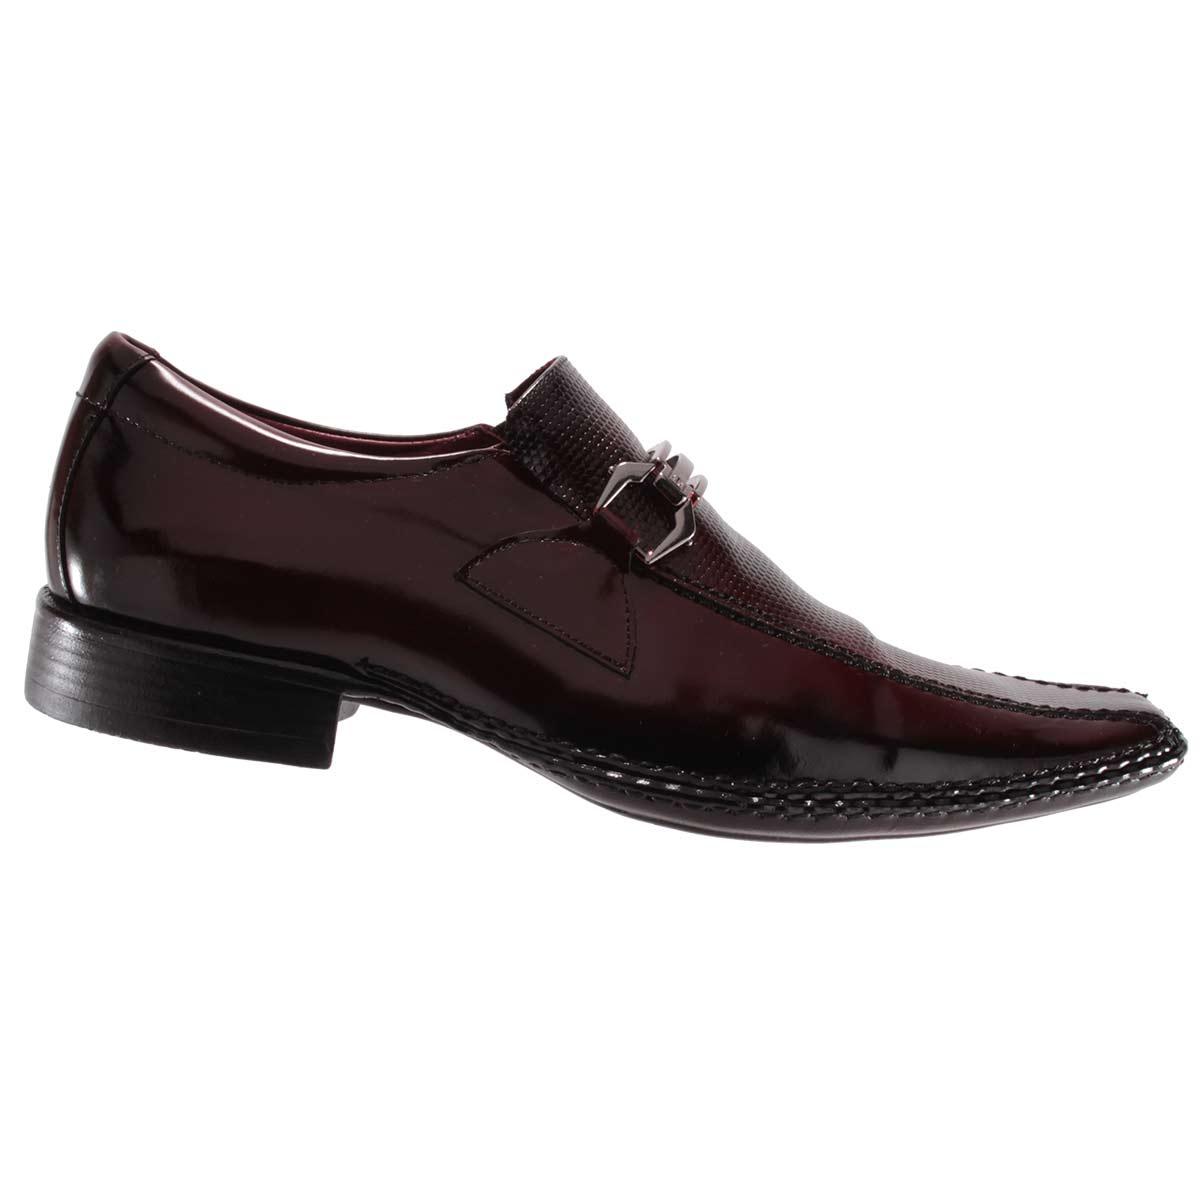 Sapato Social Gofer Masculino Fivela Couro Verniz Legítimo 0571  - Ian Calçados